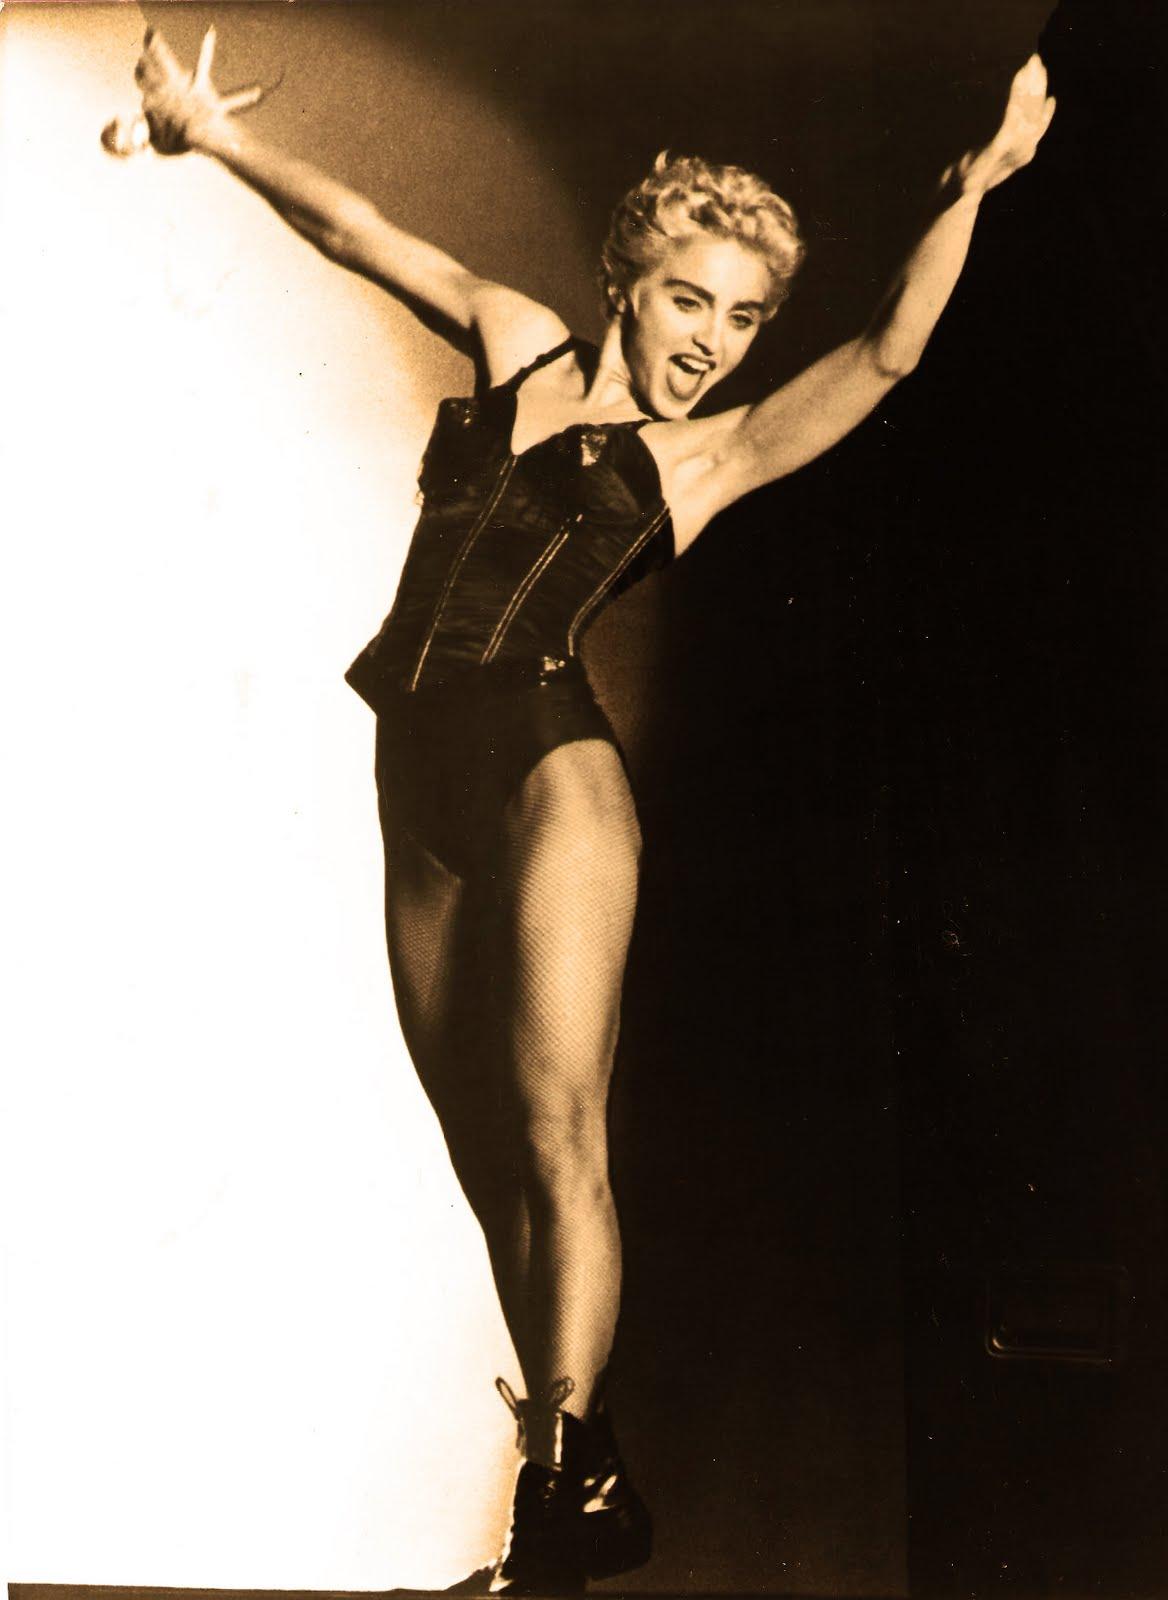 http://4.bp.blogspot.com/_DN8rS85Kwb8/TPzXnzRCFVI/AAAAAAAAAIg/yRGJF-YU6lk/s1600/Madonna87.jpg